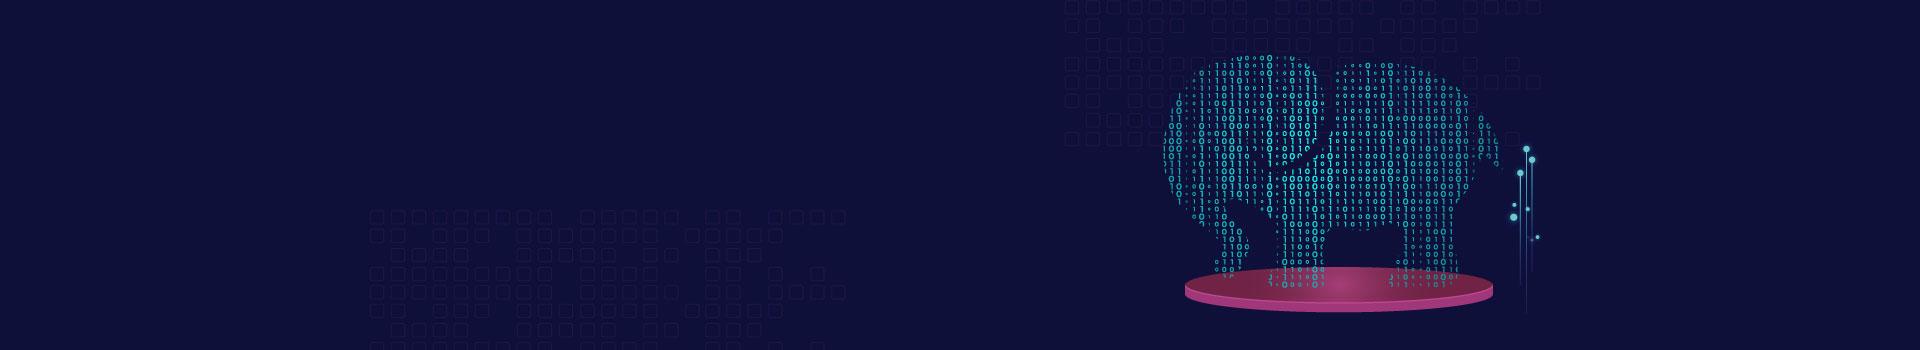 core PHP web development company